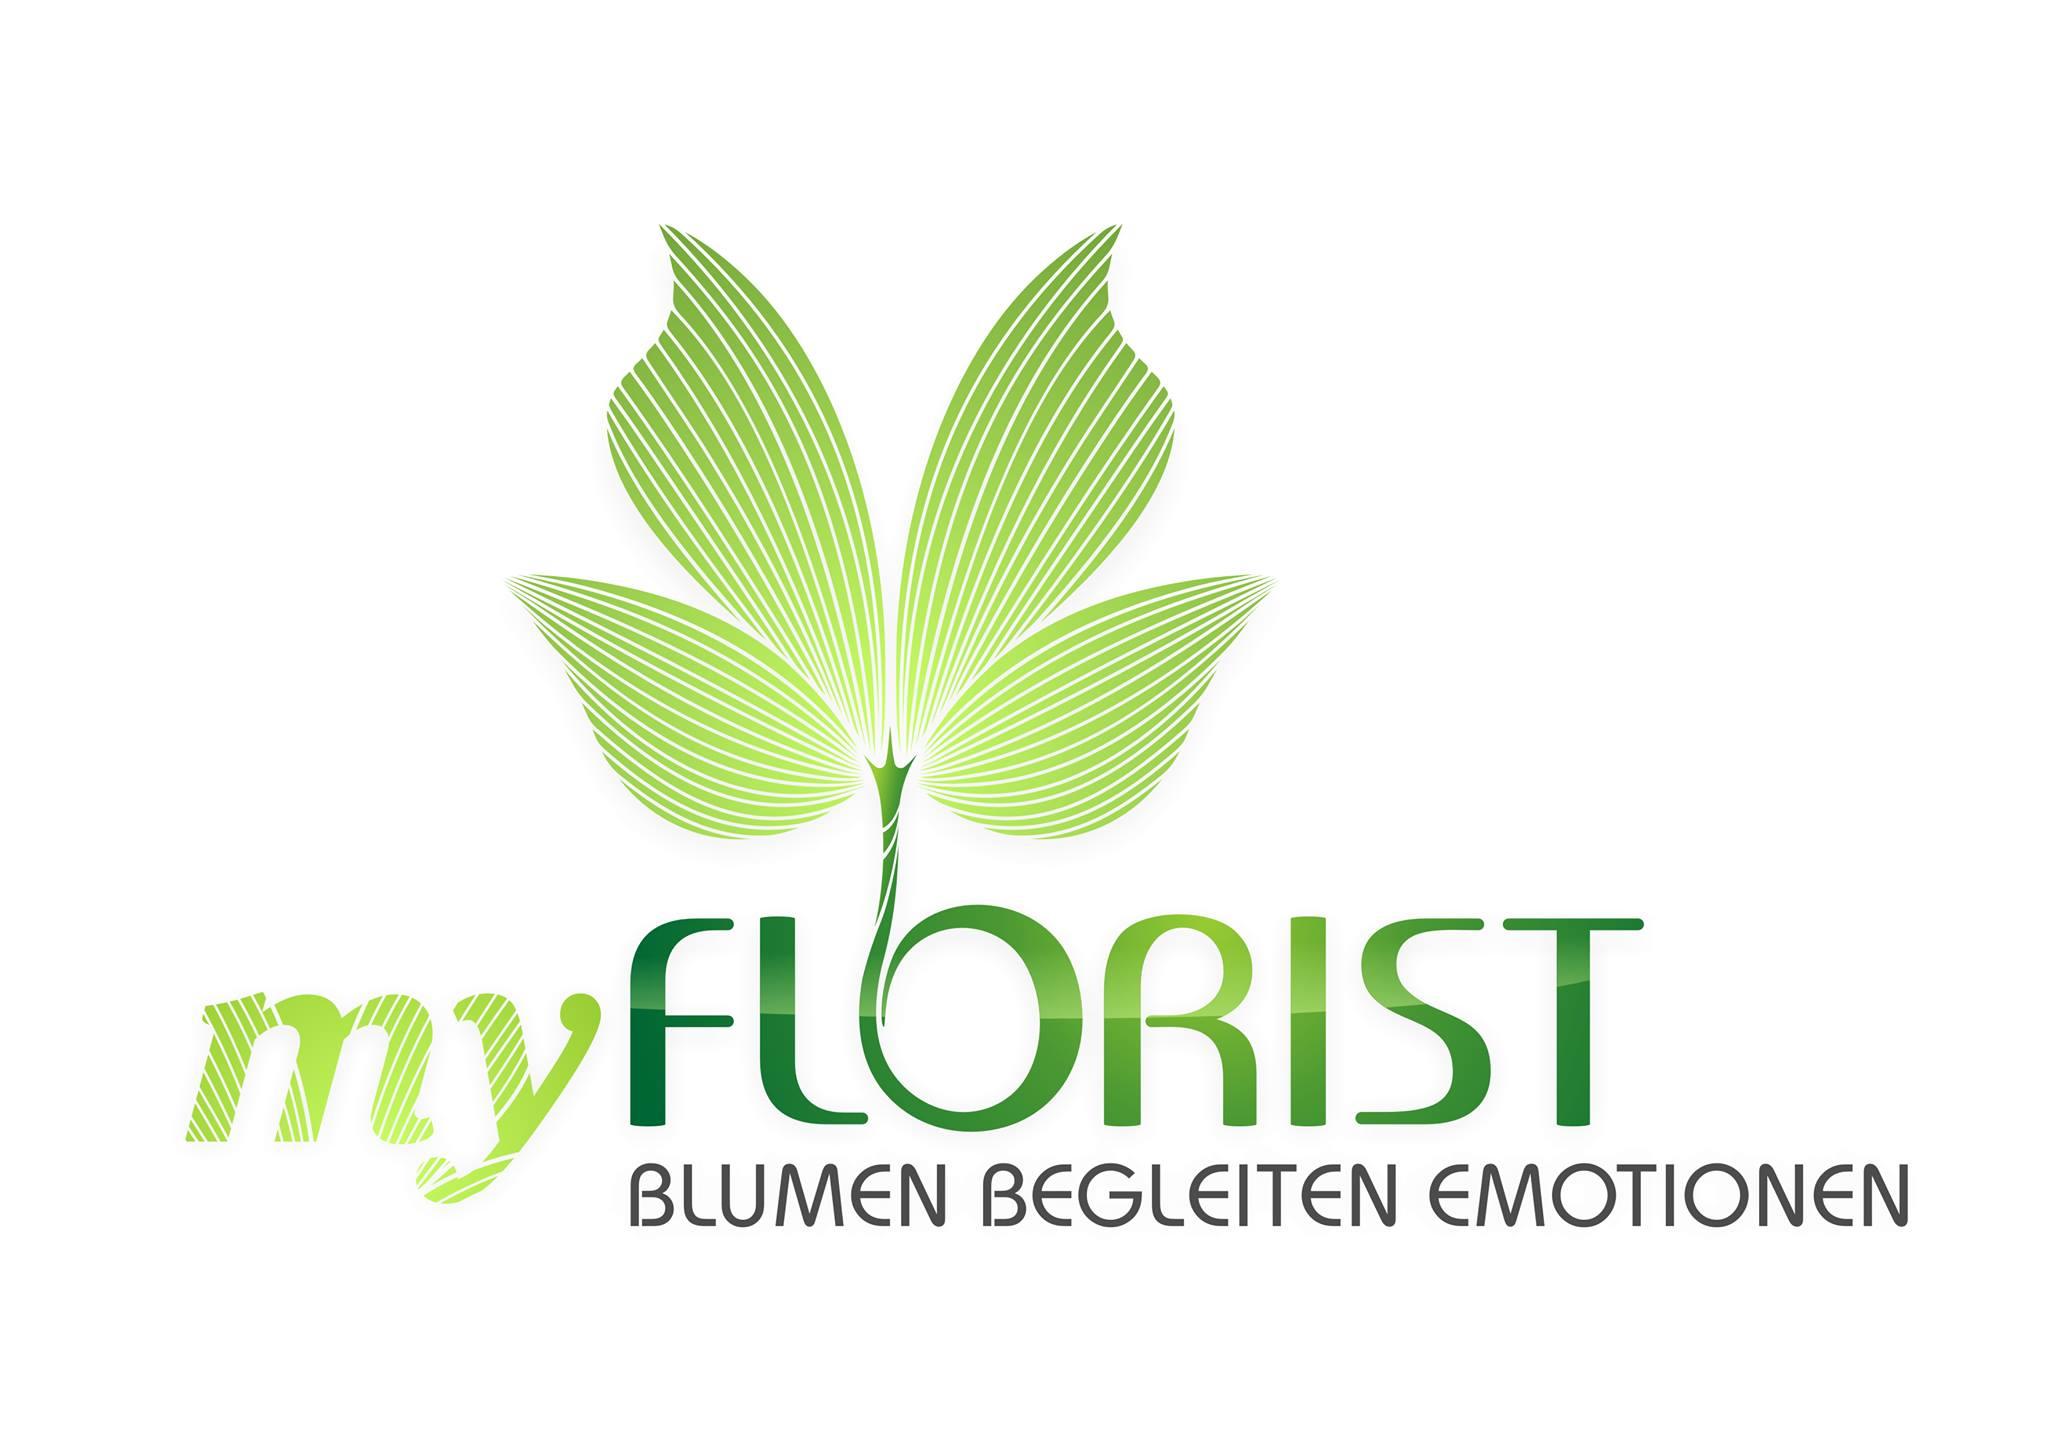 myFlorist